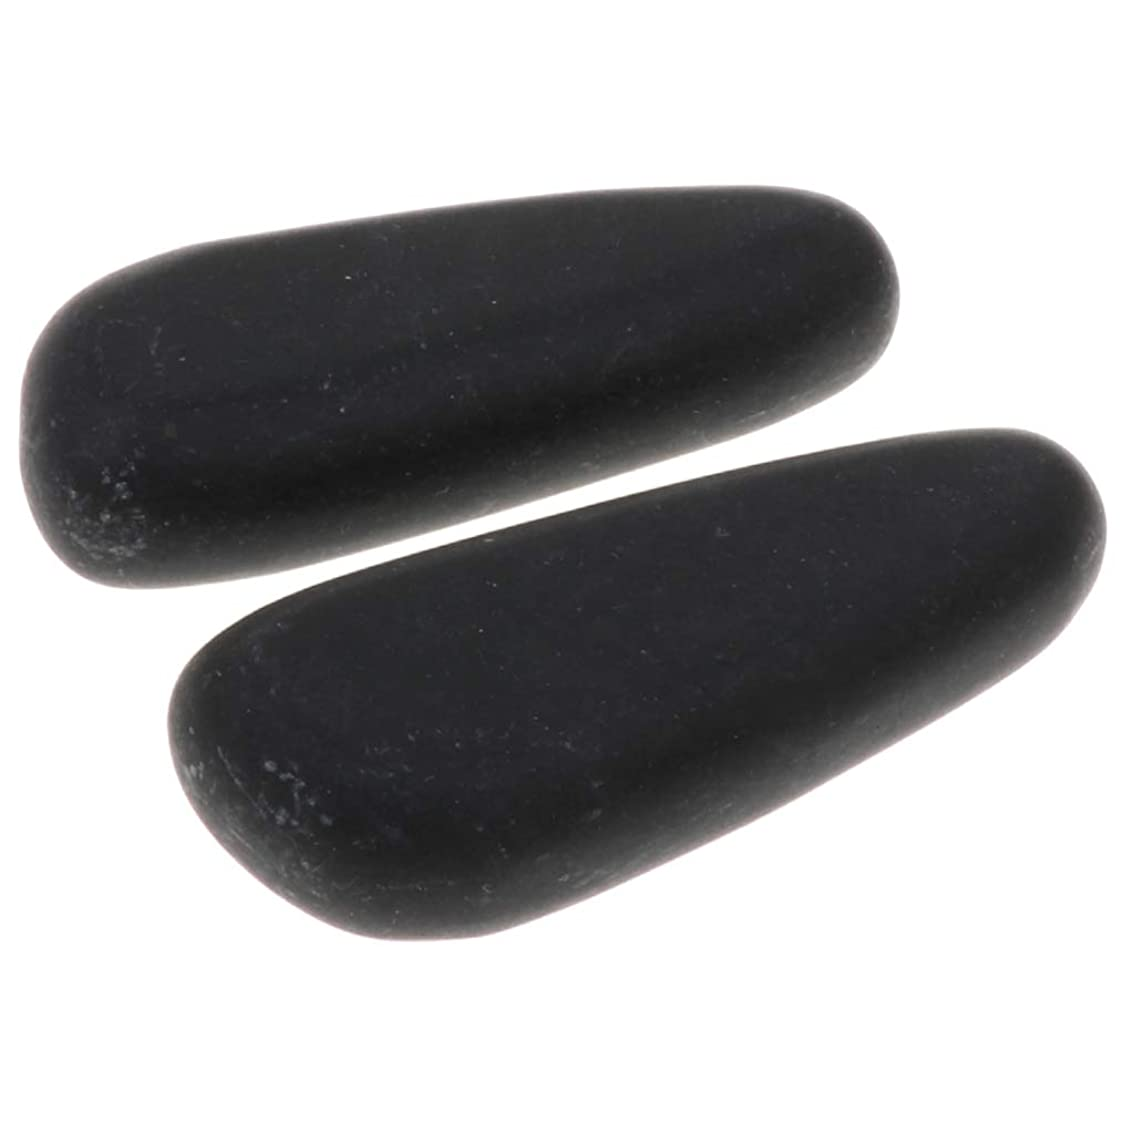 過剰処分したトレースFenteer 全2サイズ ホットストーン マッサージ石 マッサージストーン 玄武岩 ボディマッサージ スパ 2個入 - 8×3.2×2cm